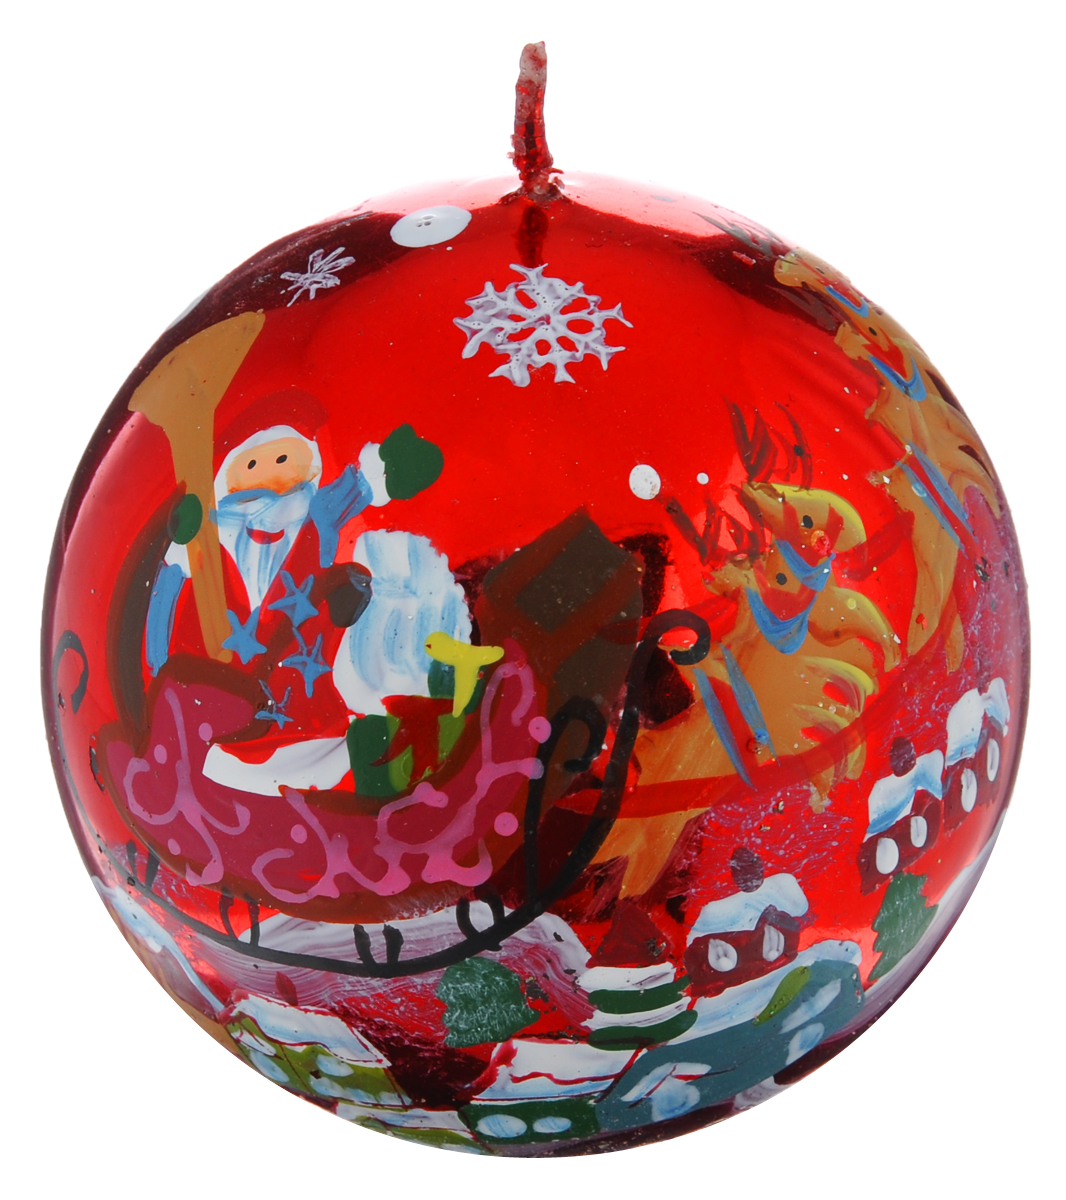 Свеча-шар Winter Wings Дед Мороз, диаметр 7,3 см1029532Свеча Winter Wings Дед Мороз, изготовленная из парафина в форме шара, станет прекрасным украшением интерьера помещения в преддверии Нового года. Свеча имеет глянцевое покрытие с красивым новогодним рисунком. Такая свеча создаст атмосферу таинственности и загадочности и наполнит дом волшебством и ощущением праздника. Хороший сувенир для друзей и близких.